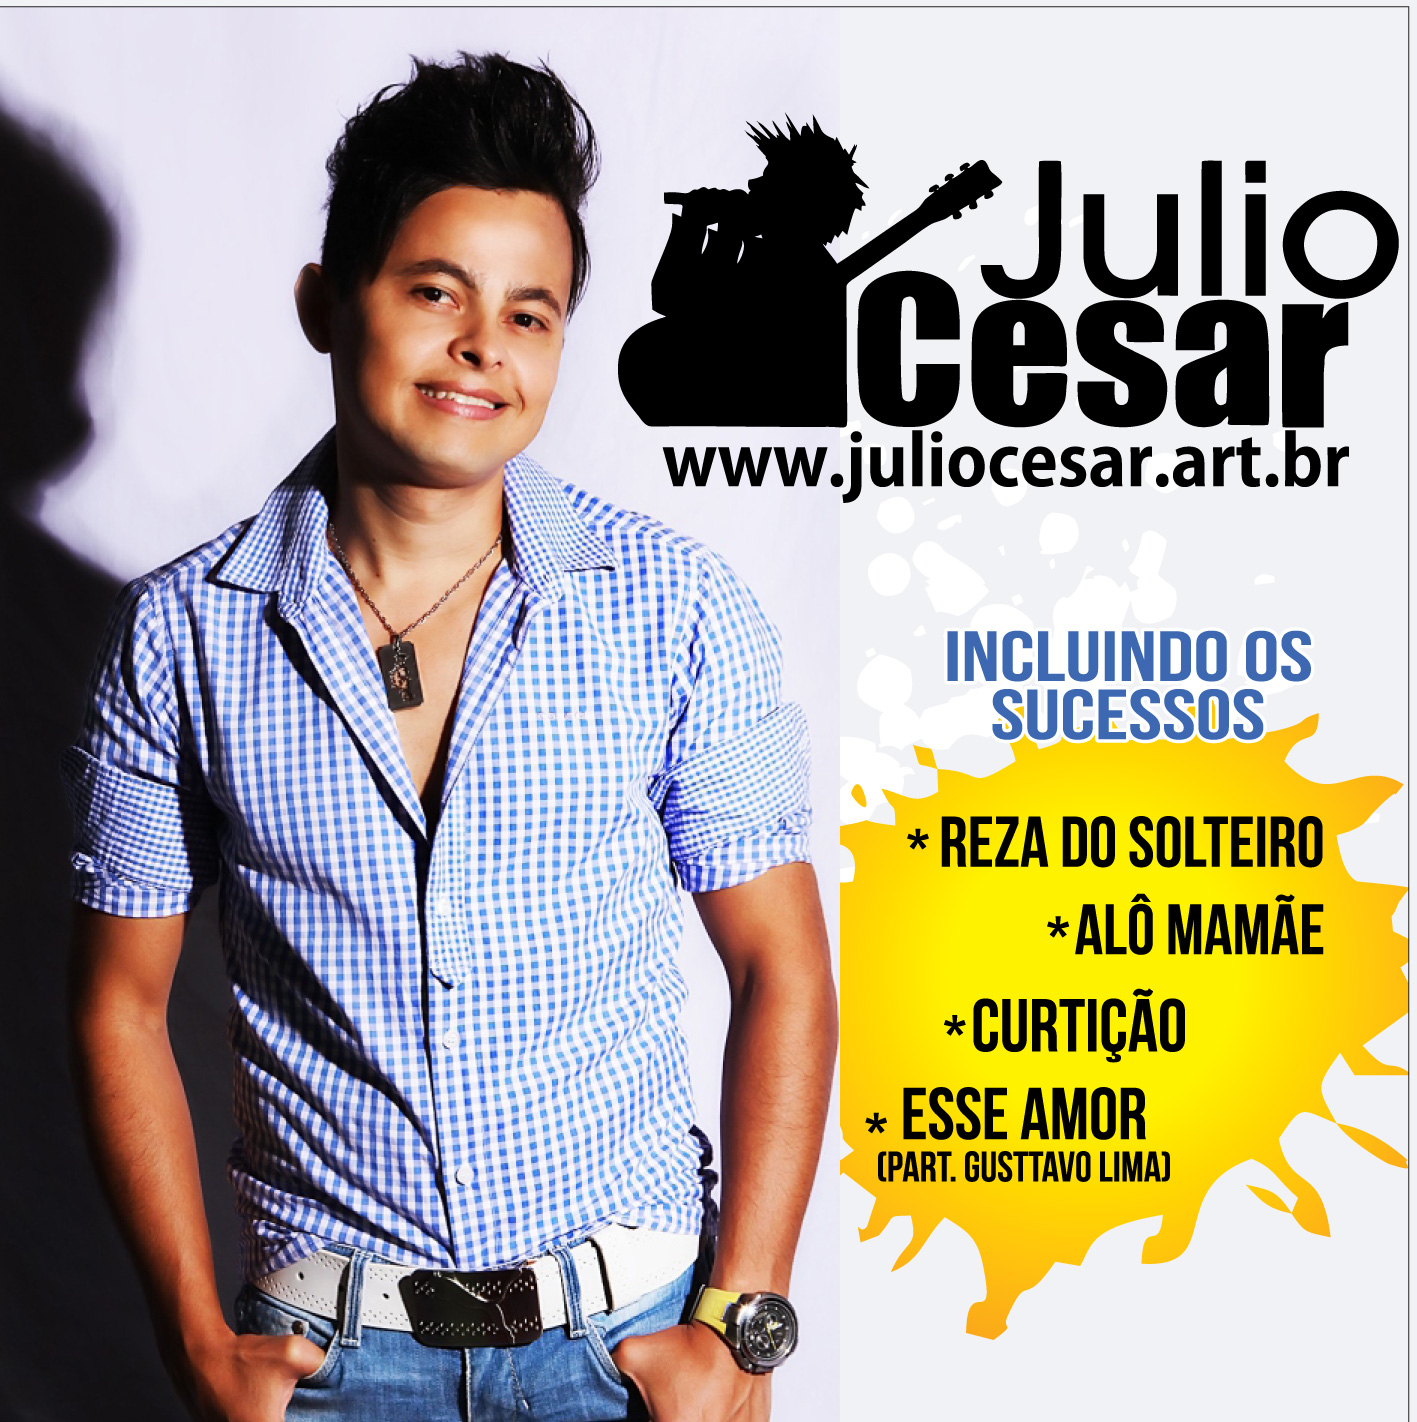 Julio Cesar - 2013